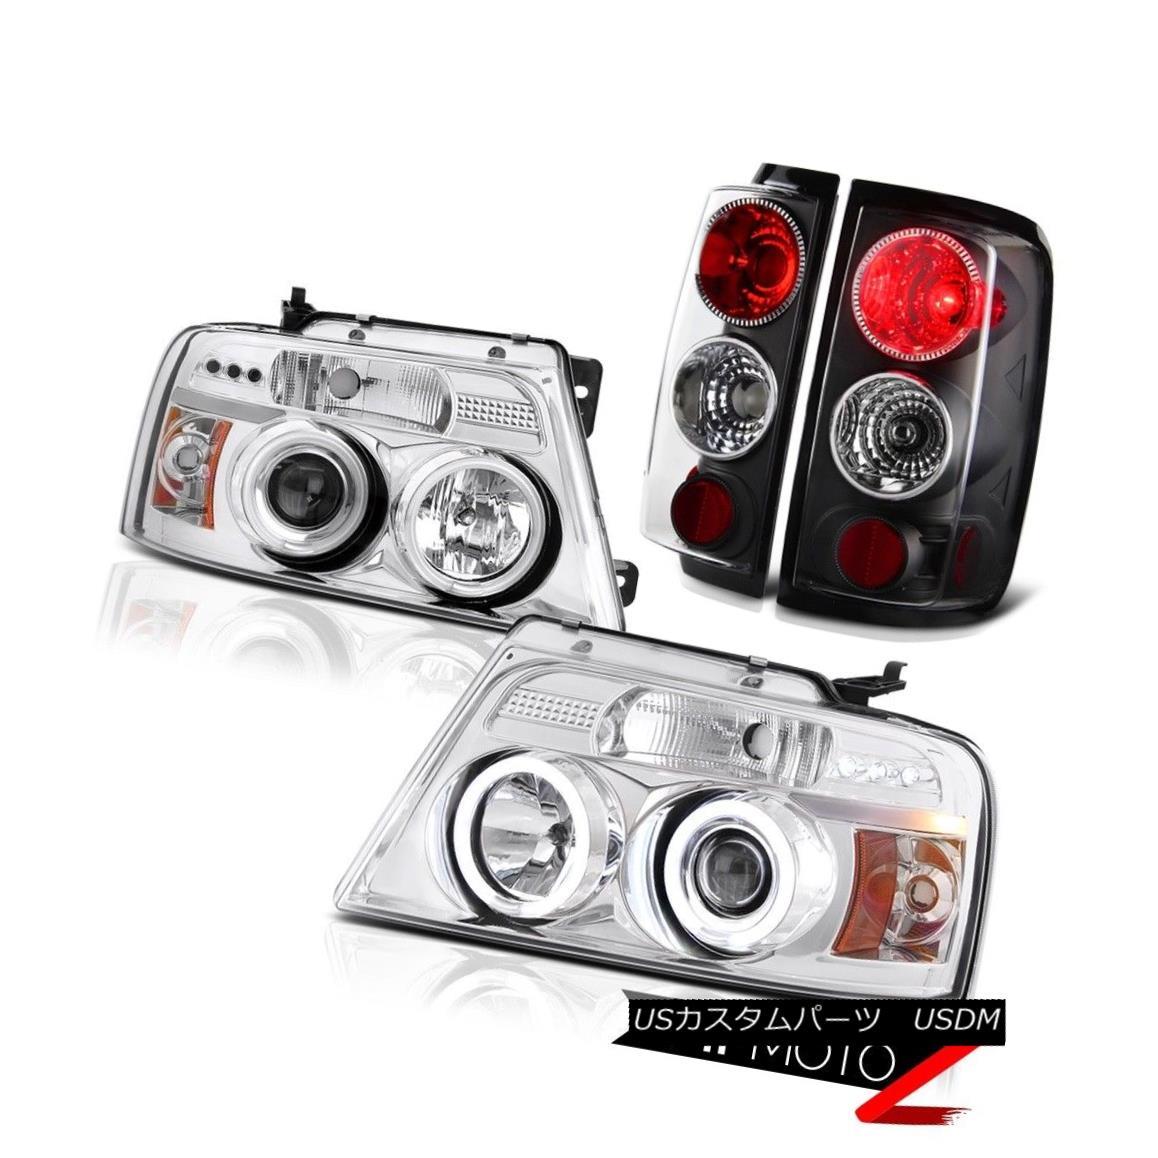 ヘッドライト Chrome CCFL Halo Rim+LED Headlights+Black Tail Lights 2004-2008 Ford F150 Truck クロームCCFLハローリム+ LEDヘッドライト+ Bla  ckテールライト2004-2008 Ford F150 Truck